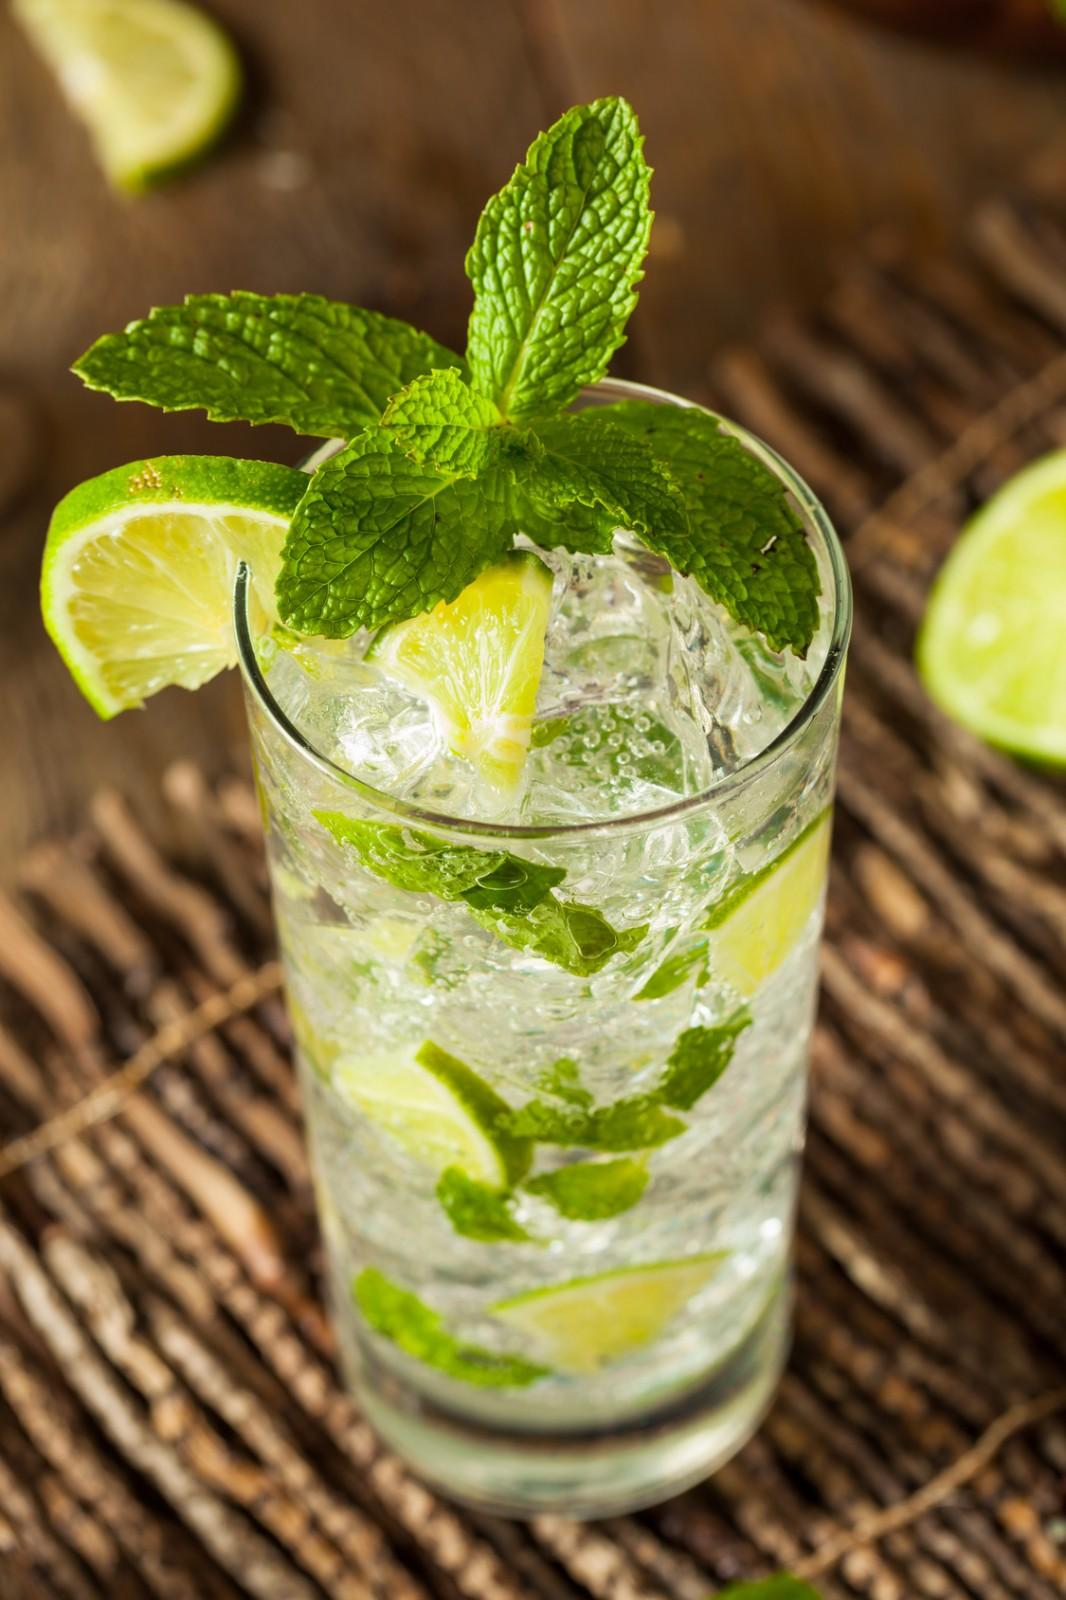 Erfrischende Limetten-Minz-Limonade